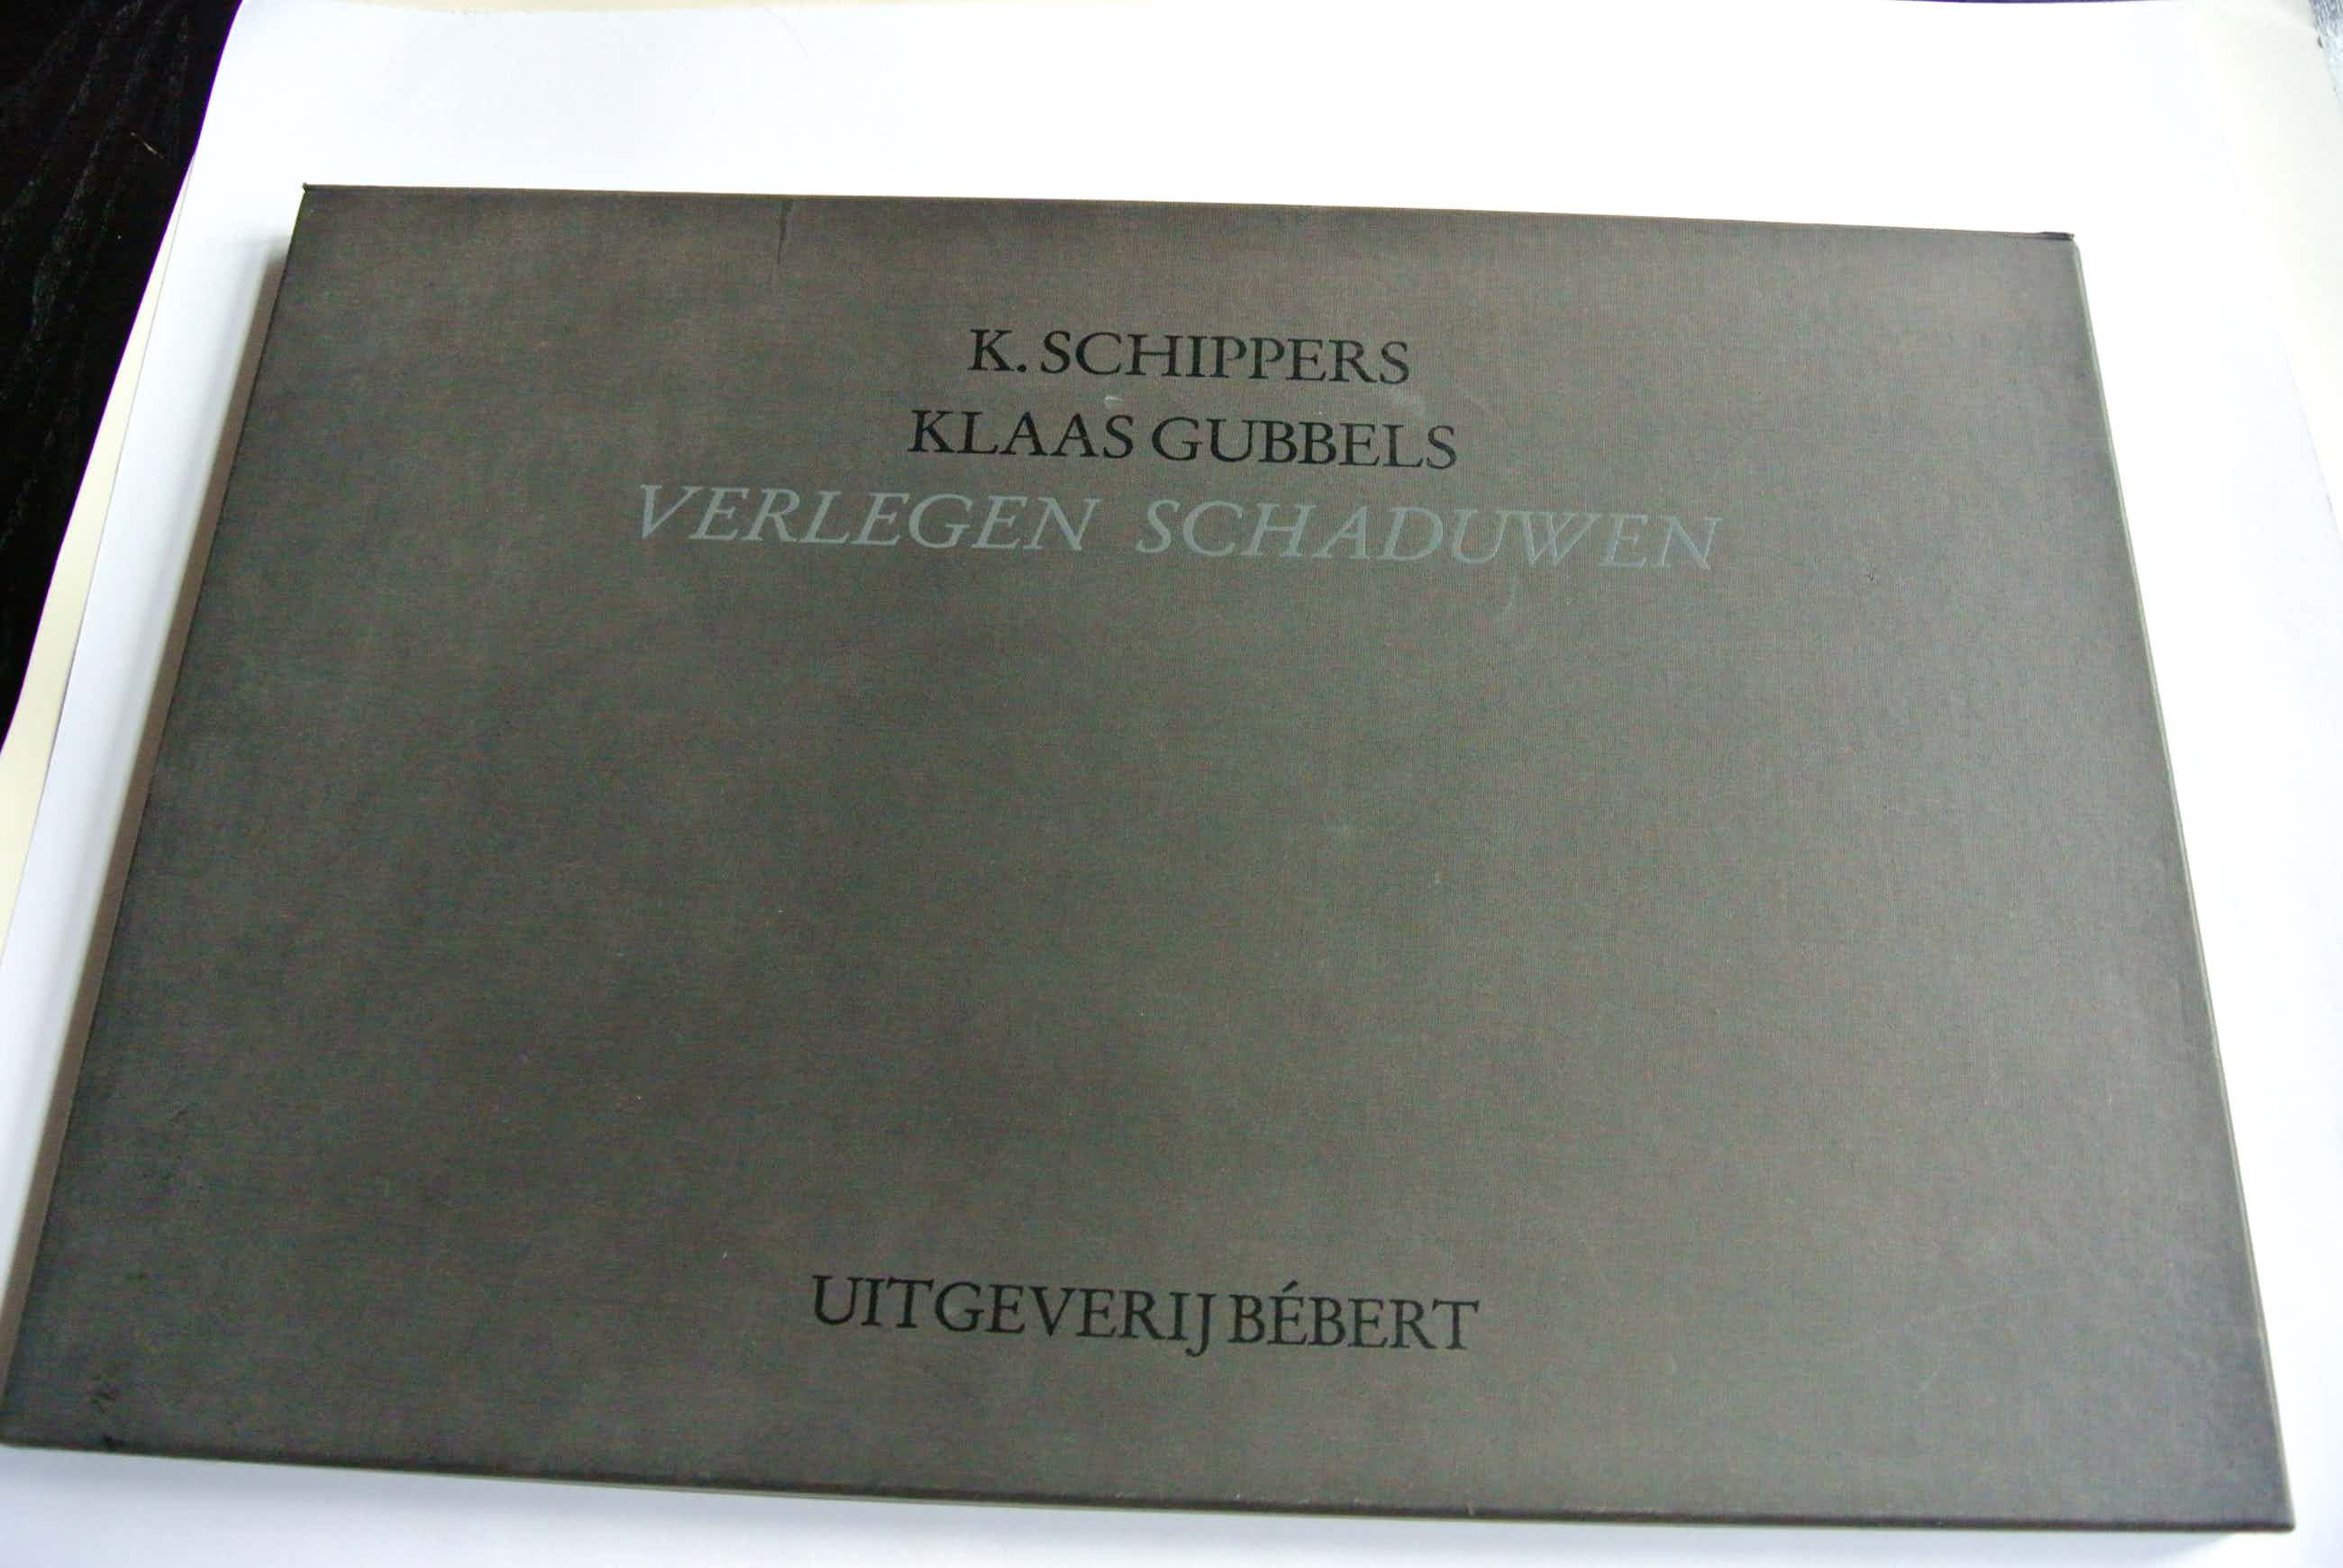 Klaas Gubbels - Verlegen schaduwen (compleet kopen? Bied vanaf 825!